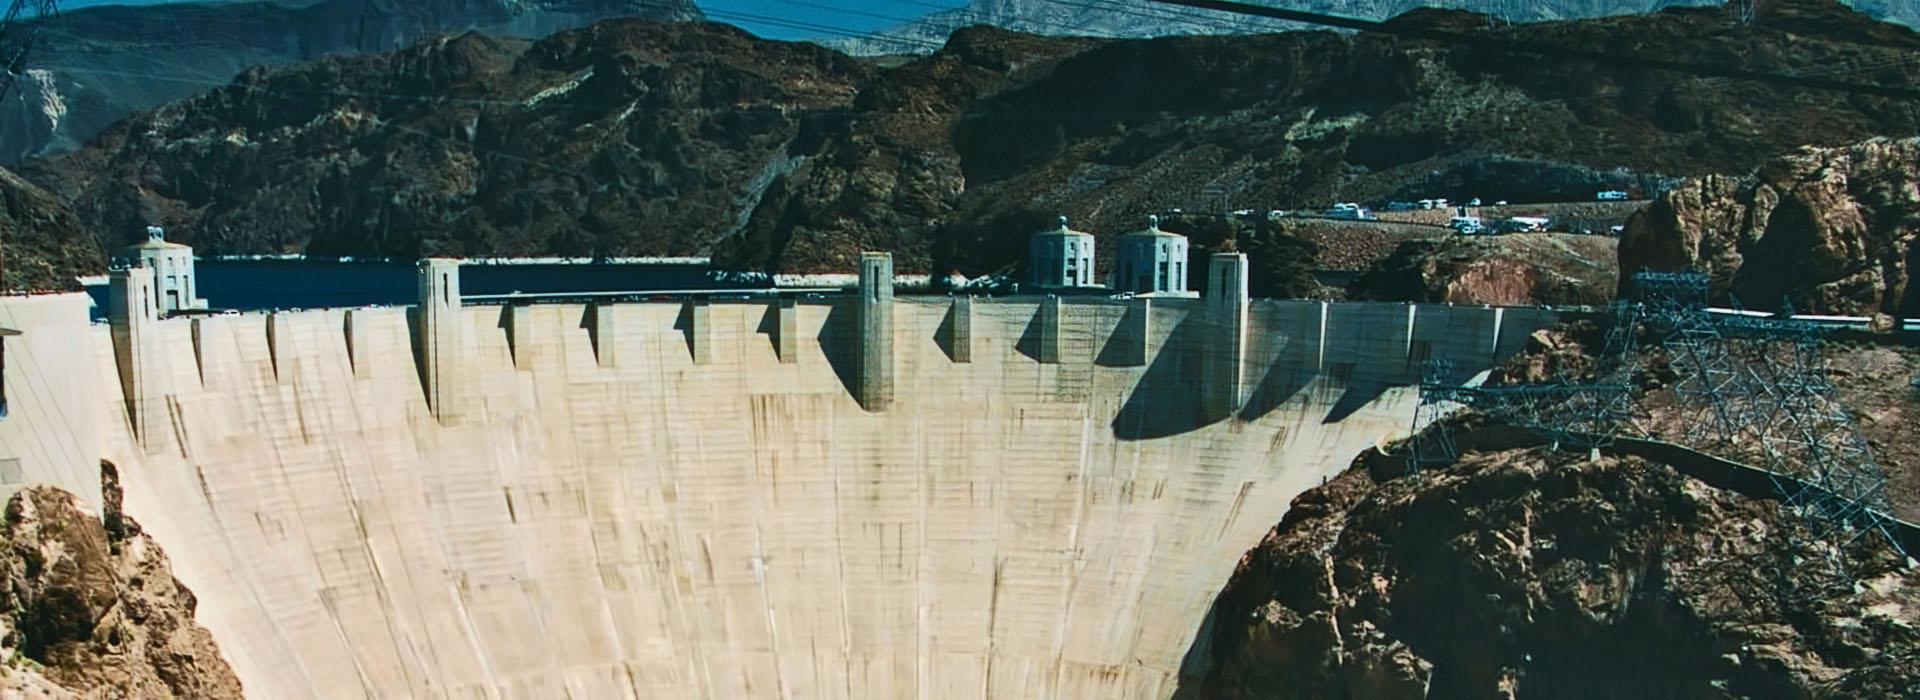 Hoover Dam • Concrete Gravity-Arch